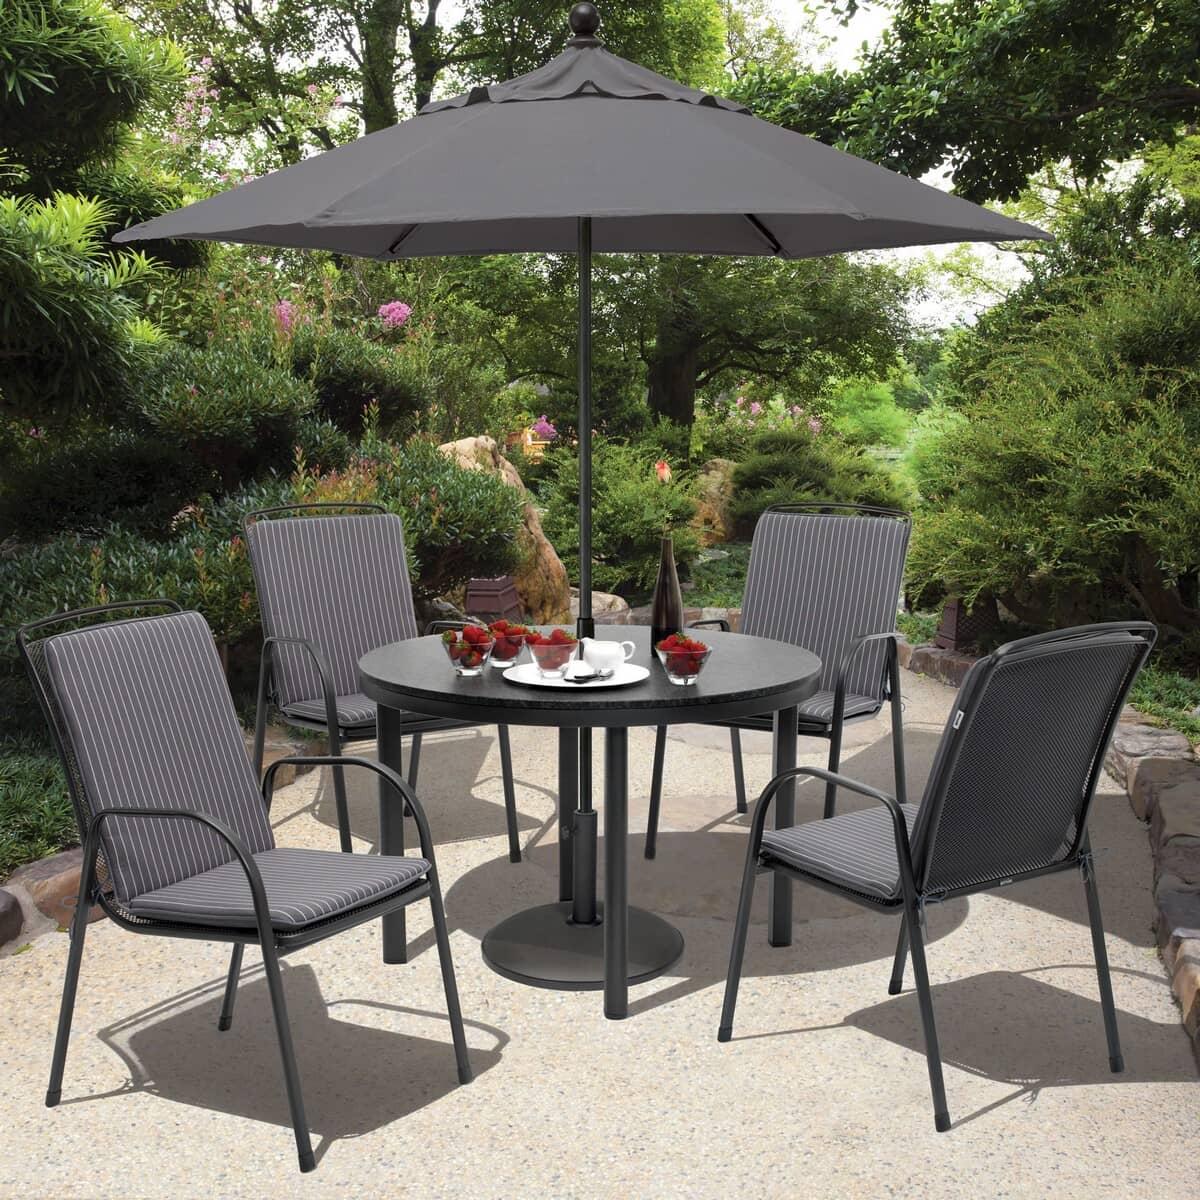 Kettler Savita 4 Seat Set Ksaviset01 Garden